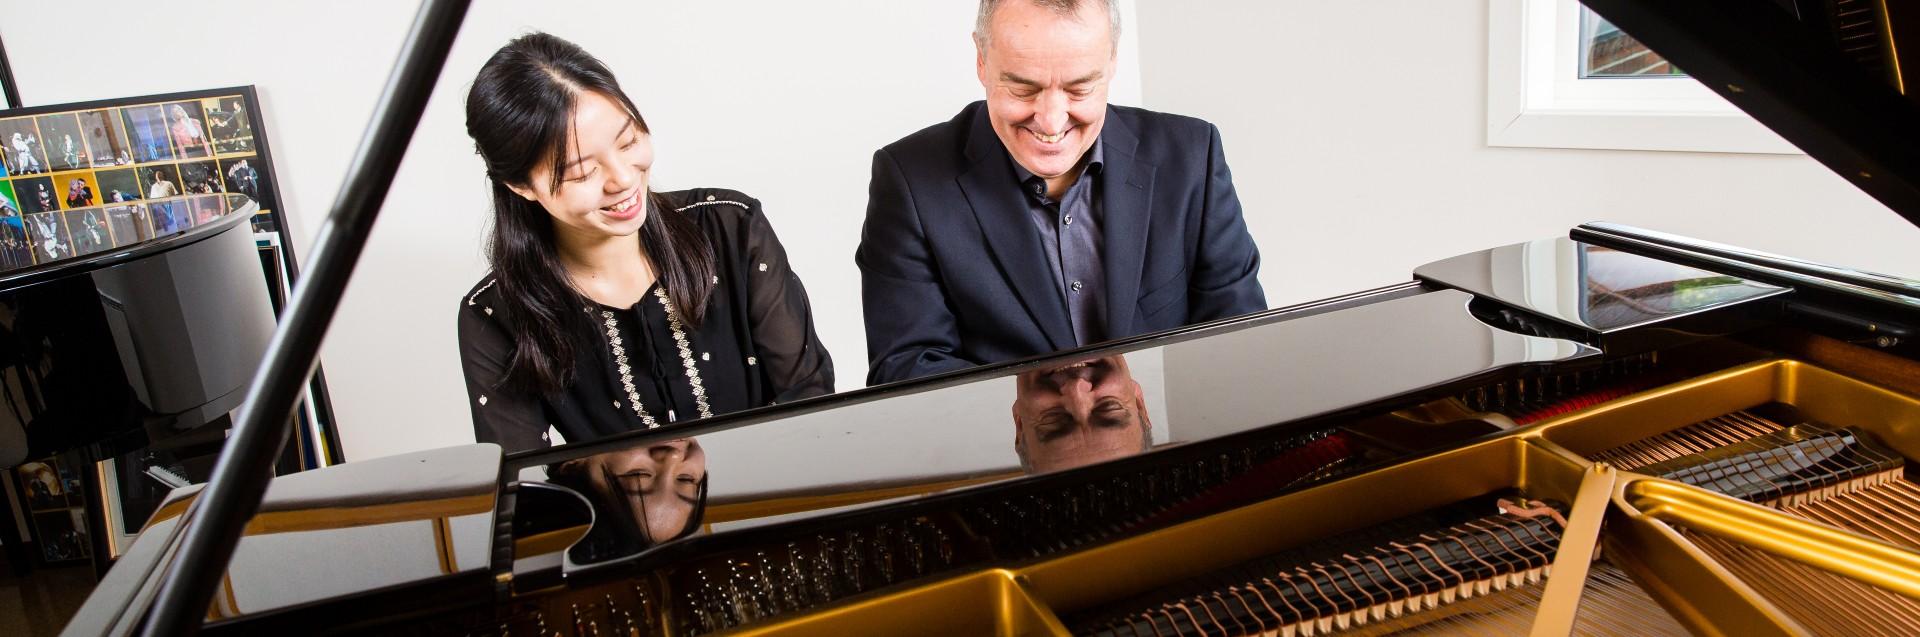 Prof. Erling Eriksen og klaverstudent ved Fakultet for utøvende kunstfag. Foto: Marius Vervik